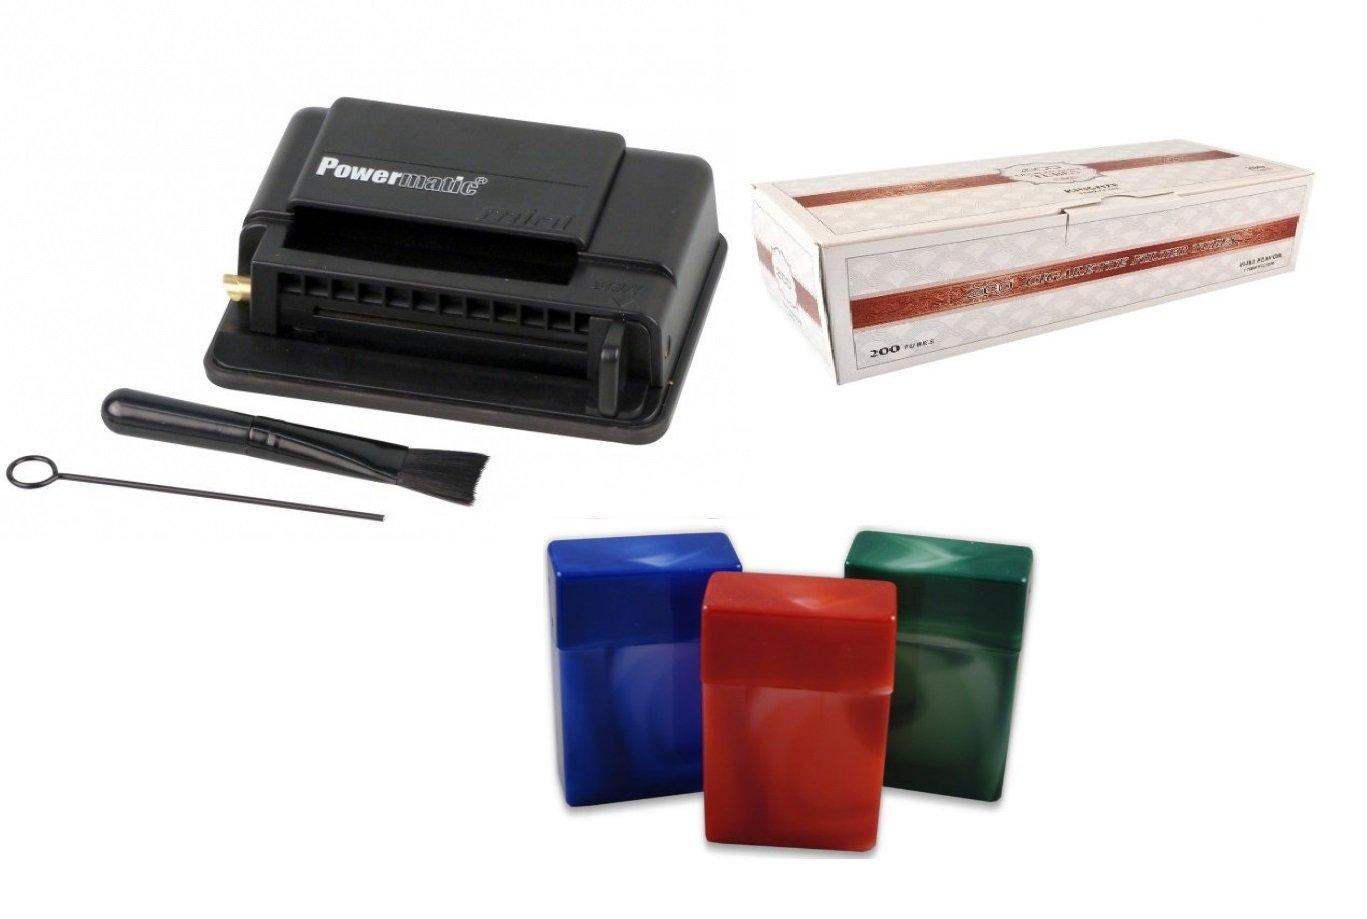 Powermatic Mini Black Cigarette Injector Machine + FREE Zico Tube, 3 pk Fess Cigarette Case by F.e.s.s. Products